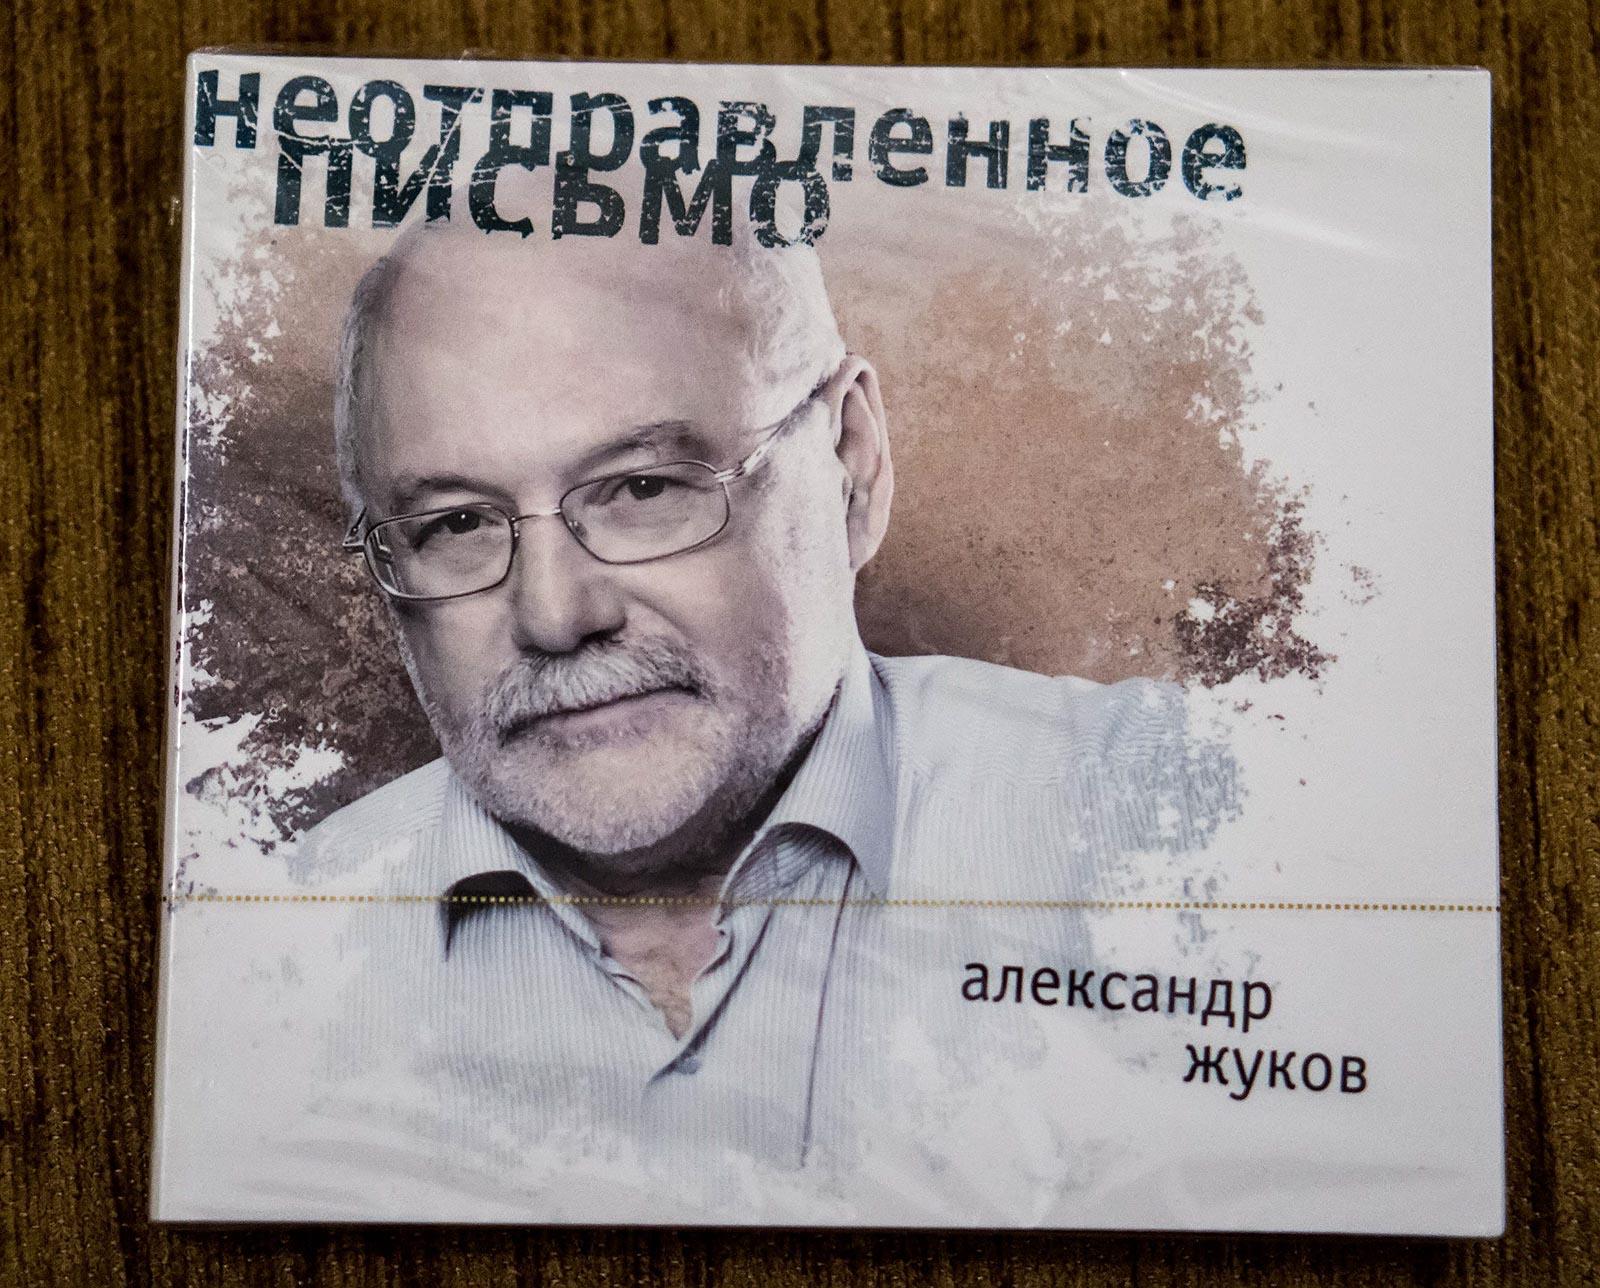 Фото №136171. Диск Александра Жукова ''Неотправленное письмо''